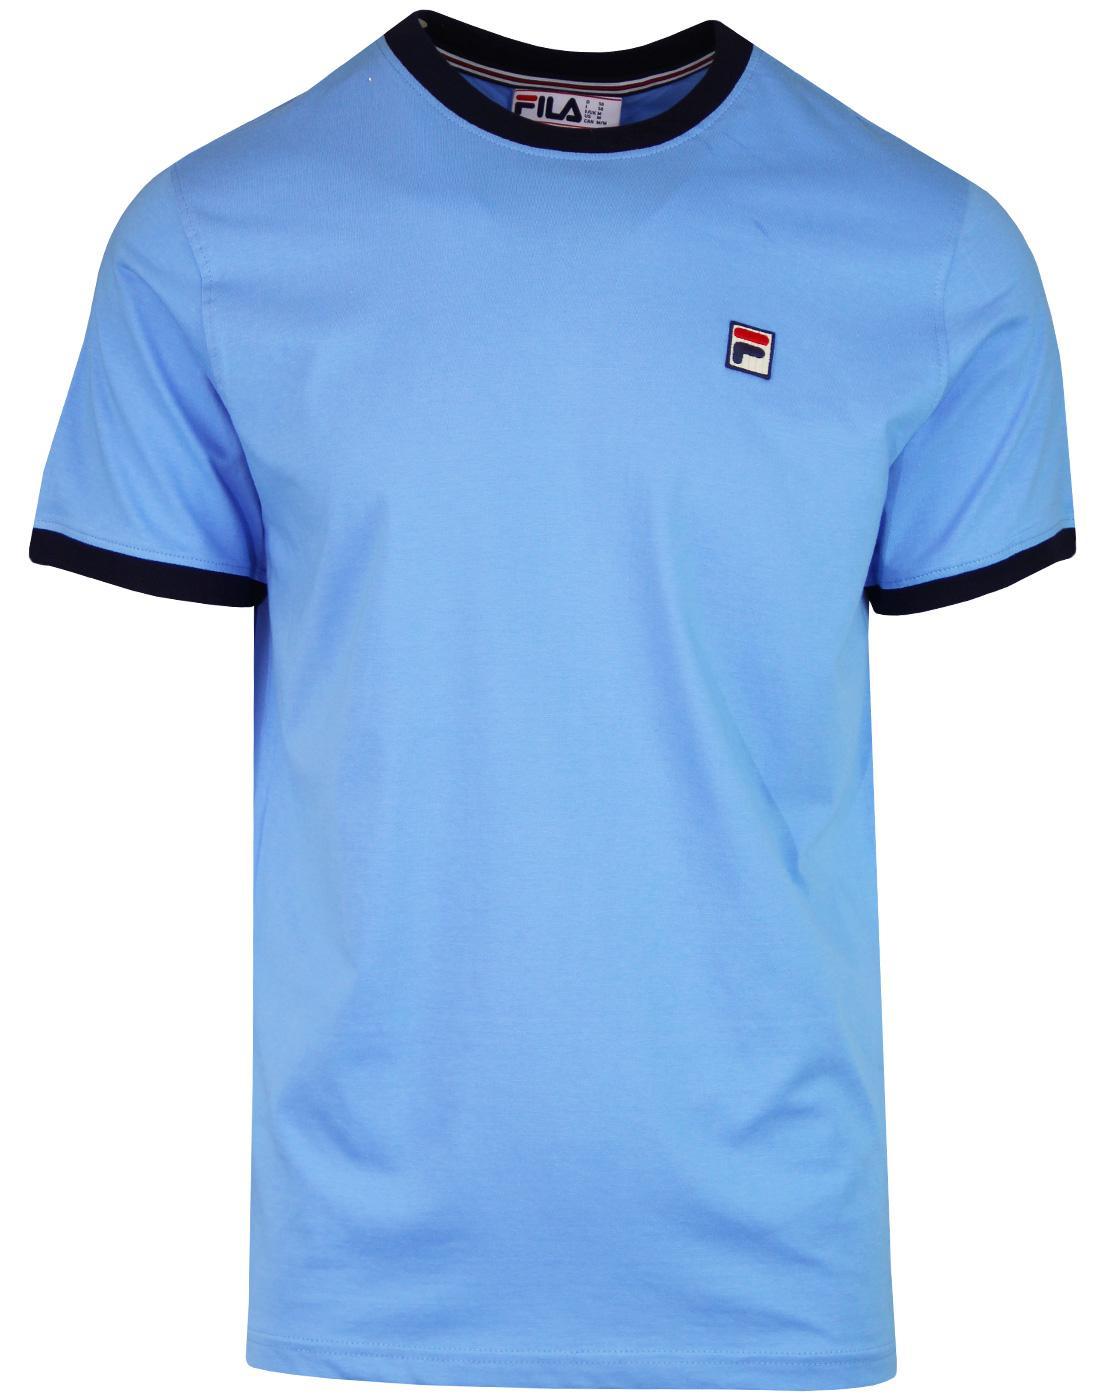 Marconi FILA VINTAGE Retro 80s Ringer T-Shirt (LB)